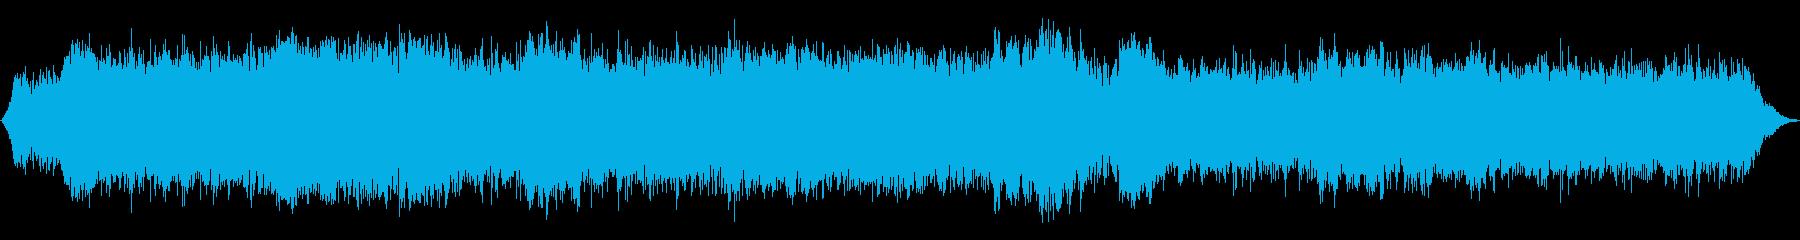 ホラーな不協和音ピアノBGMの再生済みの波形